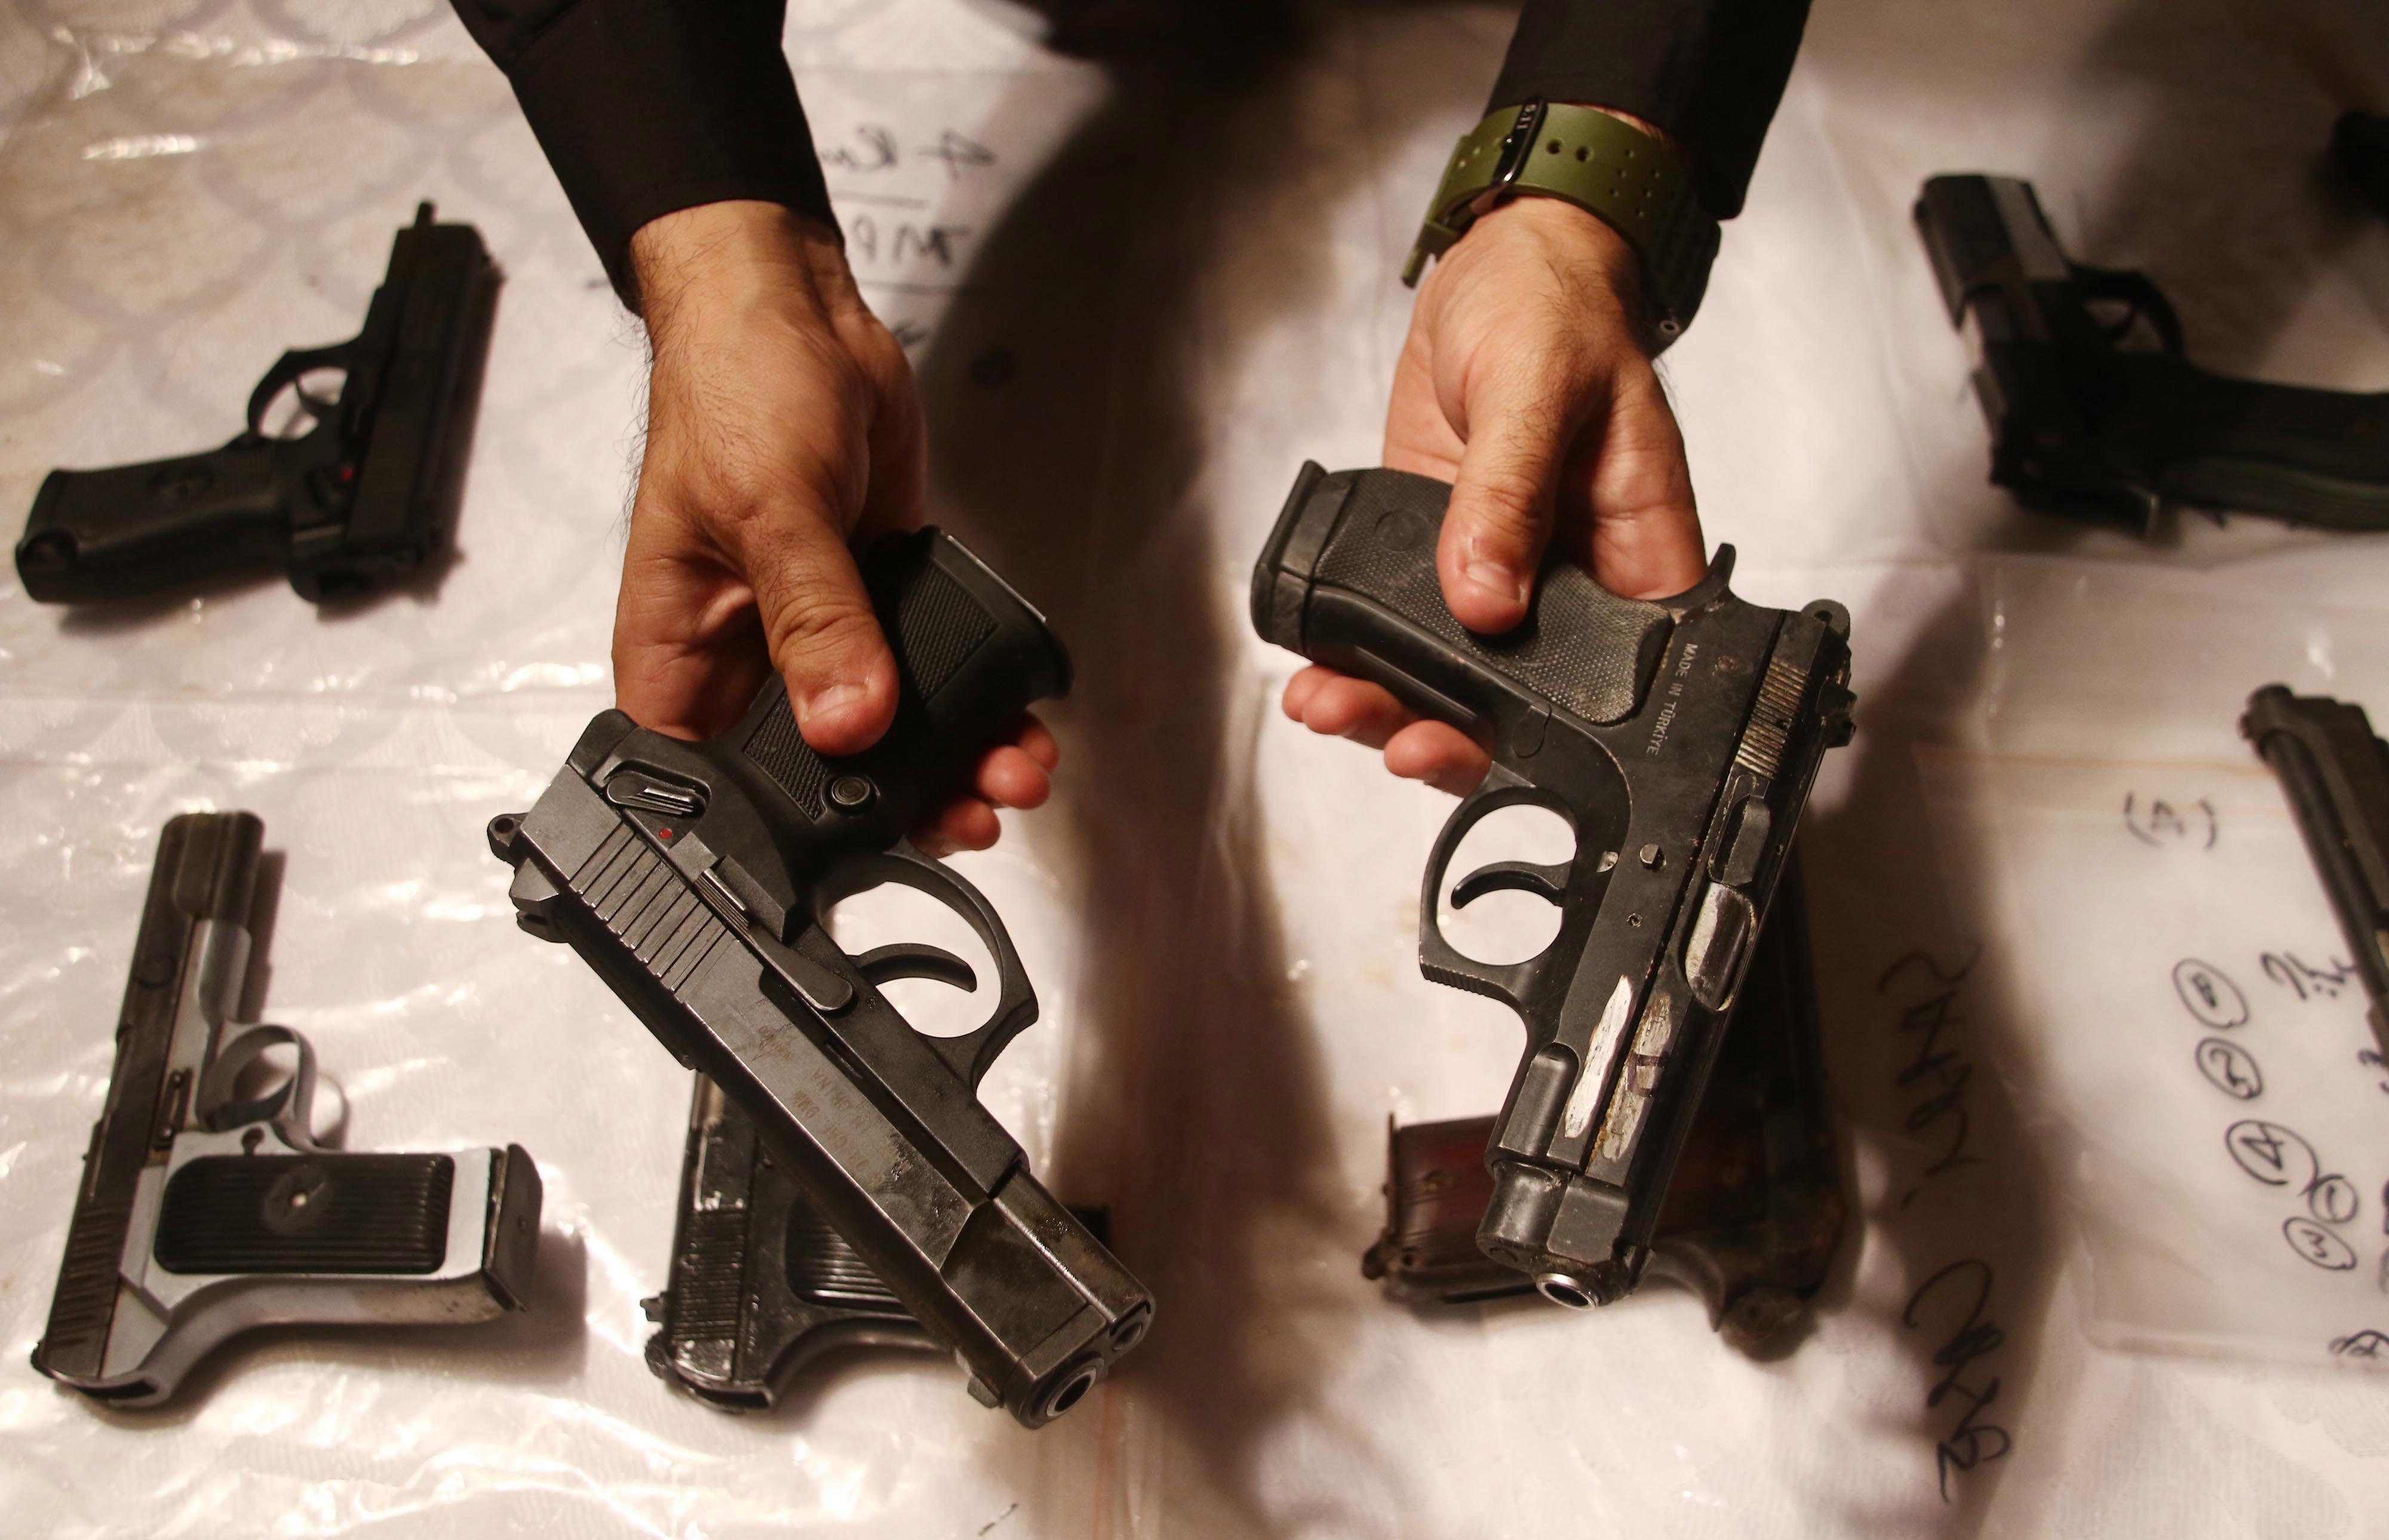 PSP associa-se a Aeroporto de Lisboa e CTT para combater importação de armas via postal